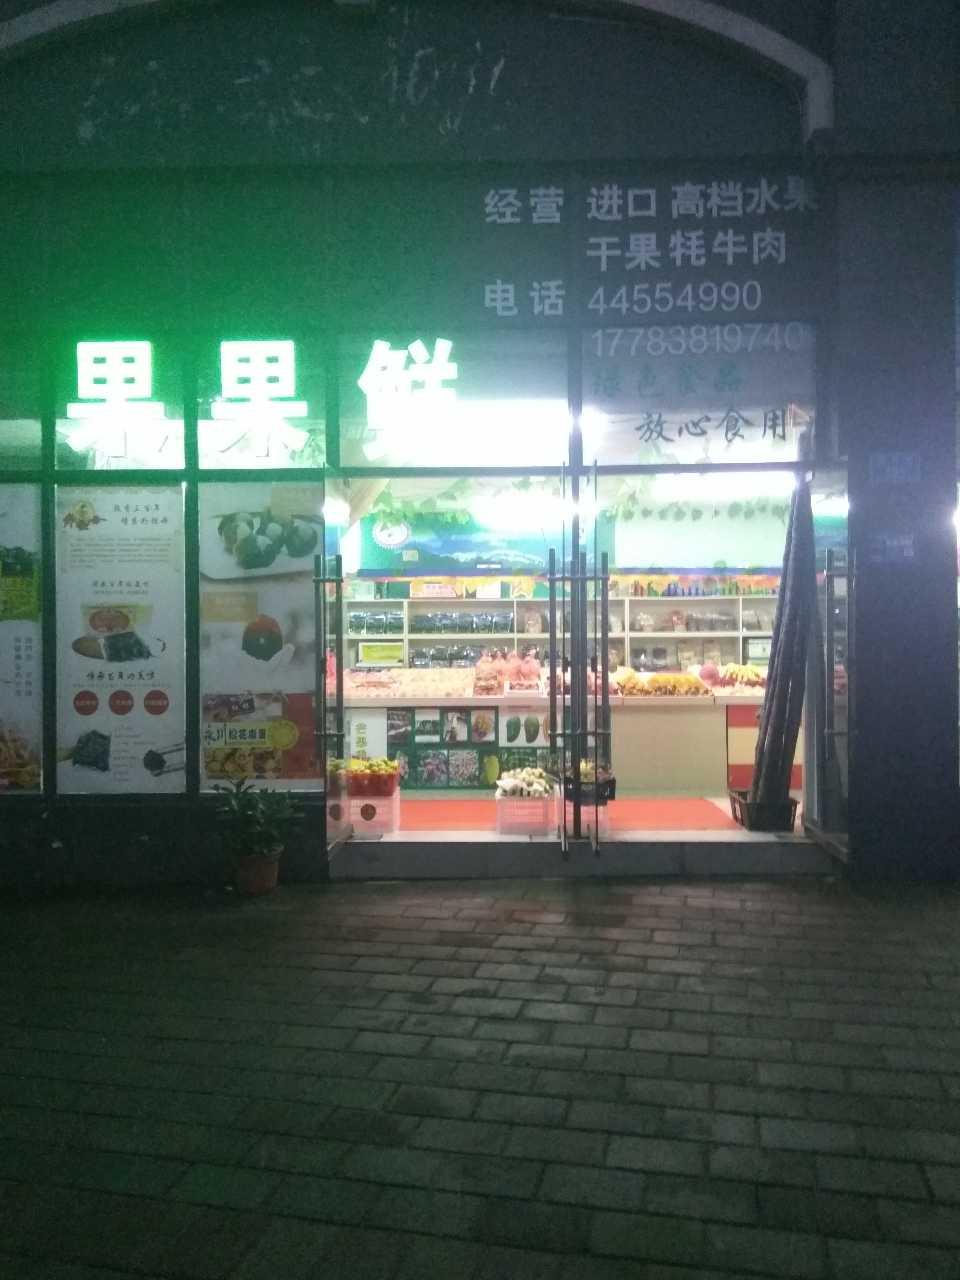 来自石沛鑫发布的供应信息:水果,干货,特产小吃零售... - 云海蓝湾125号果果鲜